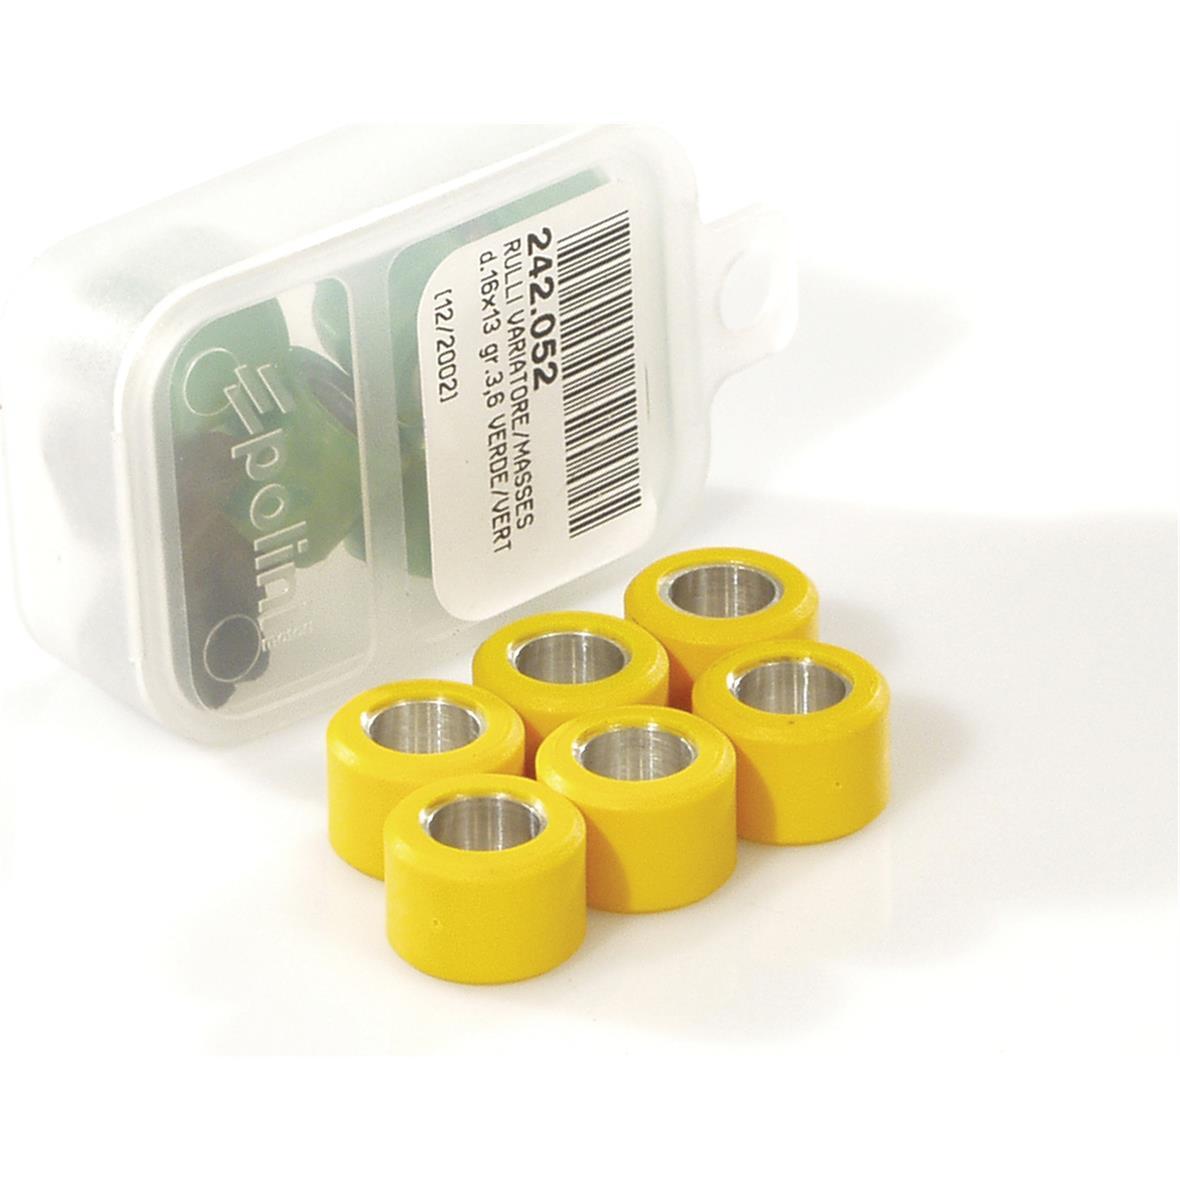 Obrázek výrobku pro 'Válečky variátoru POLINI 20x17 mm 14,6 gramTitle'